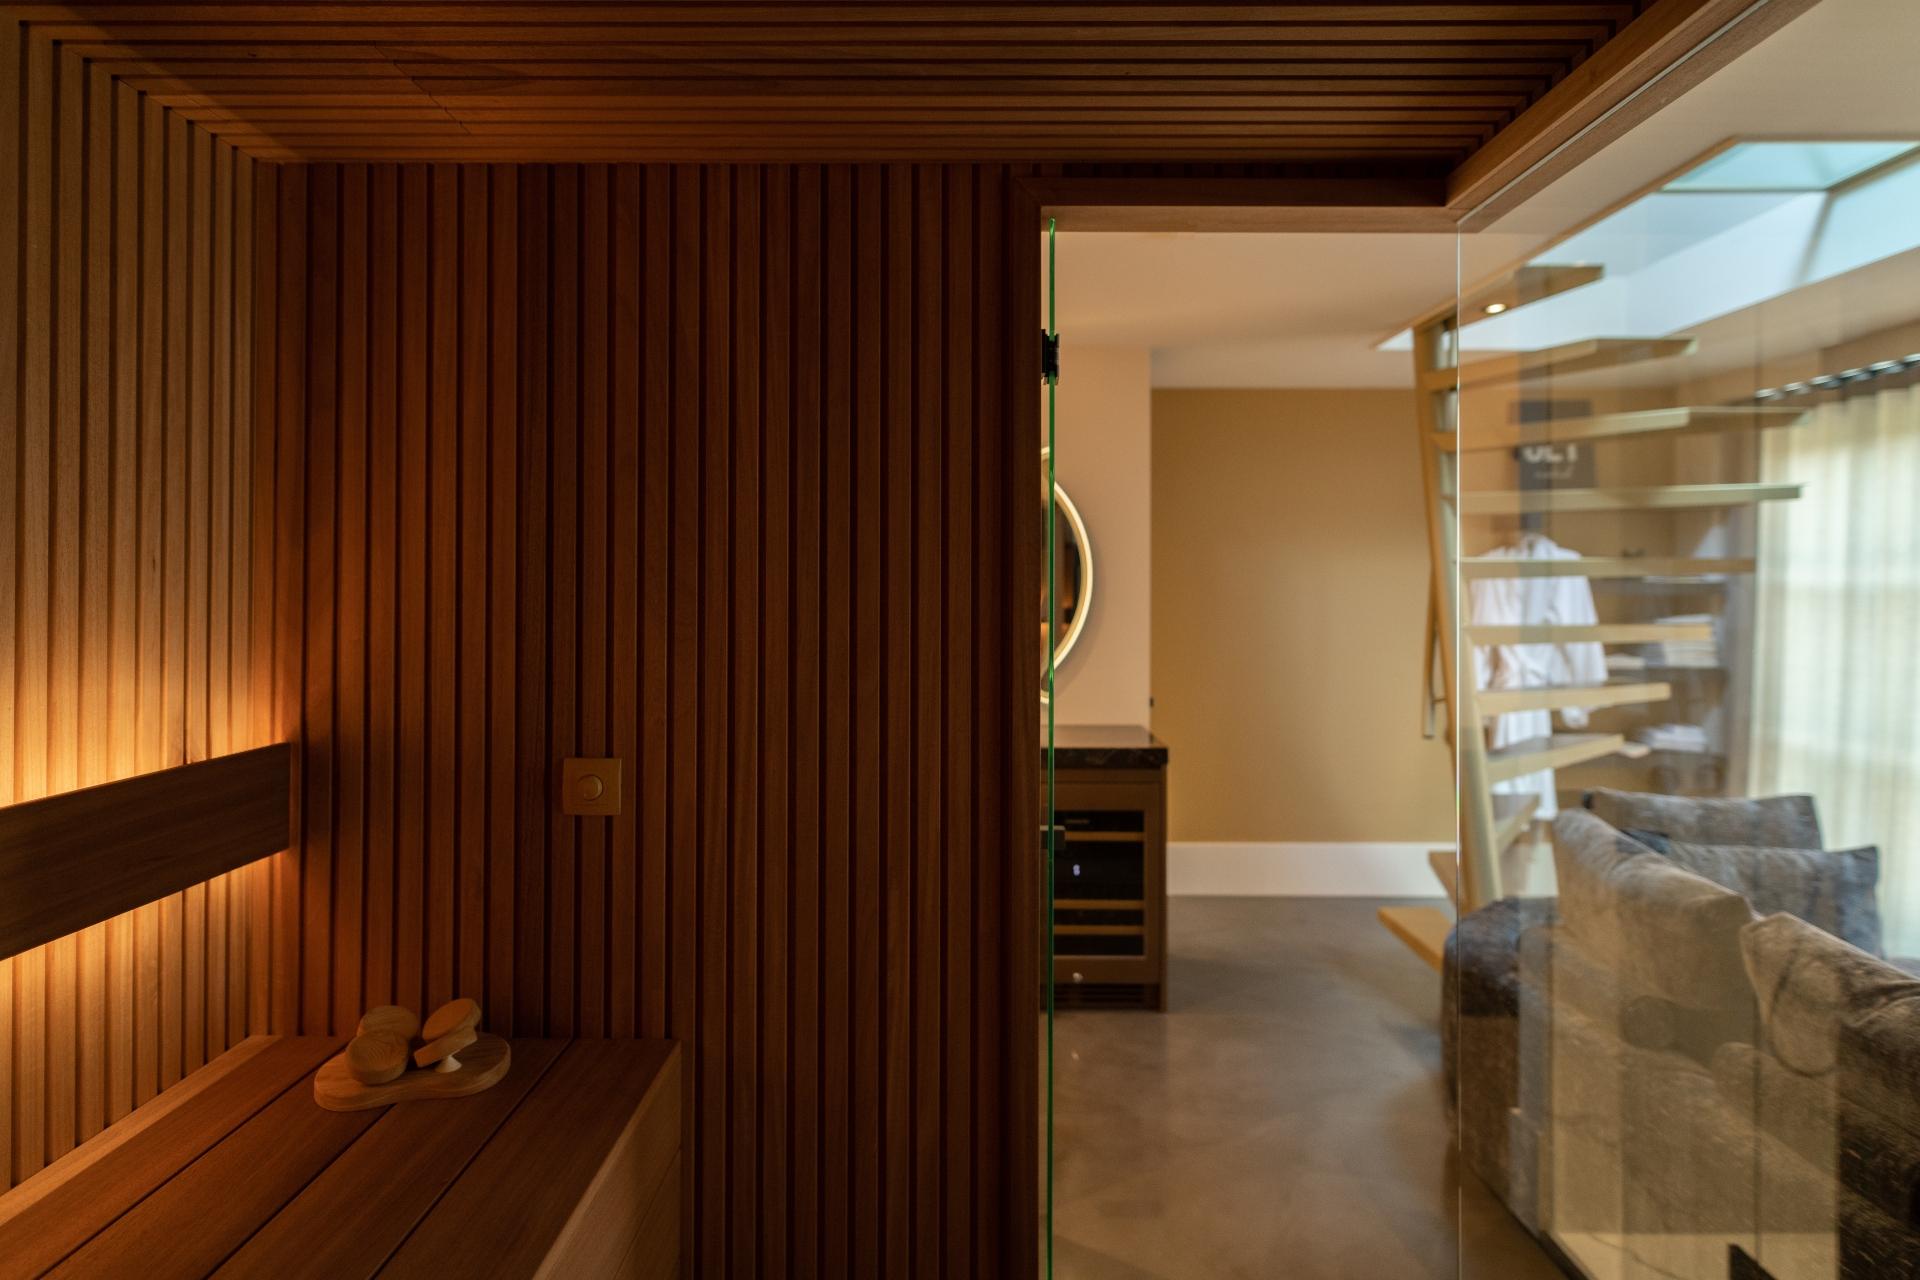 Sauna in wellnessruimte met rhombus profiel en glaswand